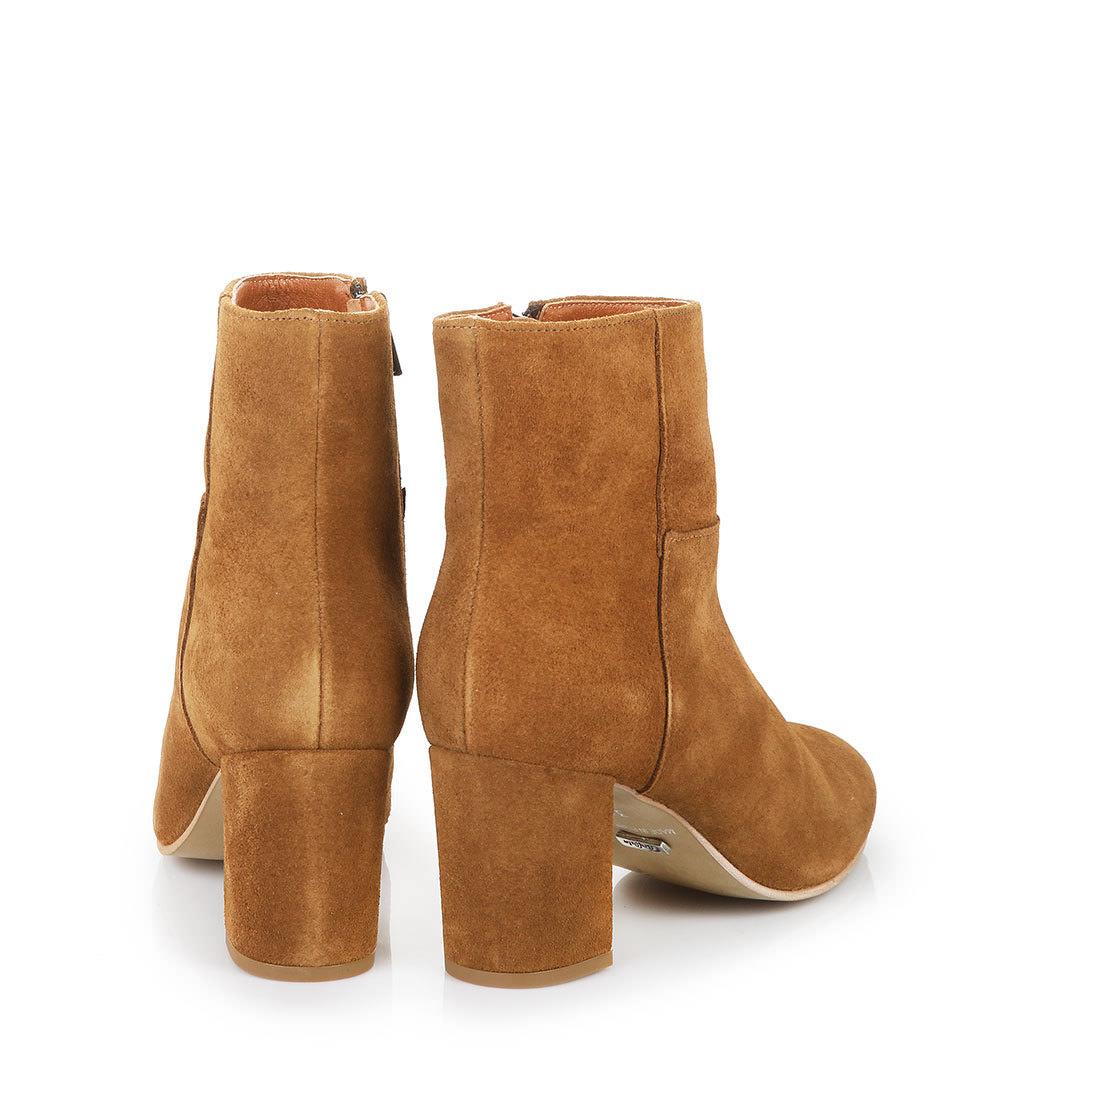 Kaufen Buffalo Stiefelette Mit Absatz Online 7cm In Cognac SqGpUzMV